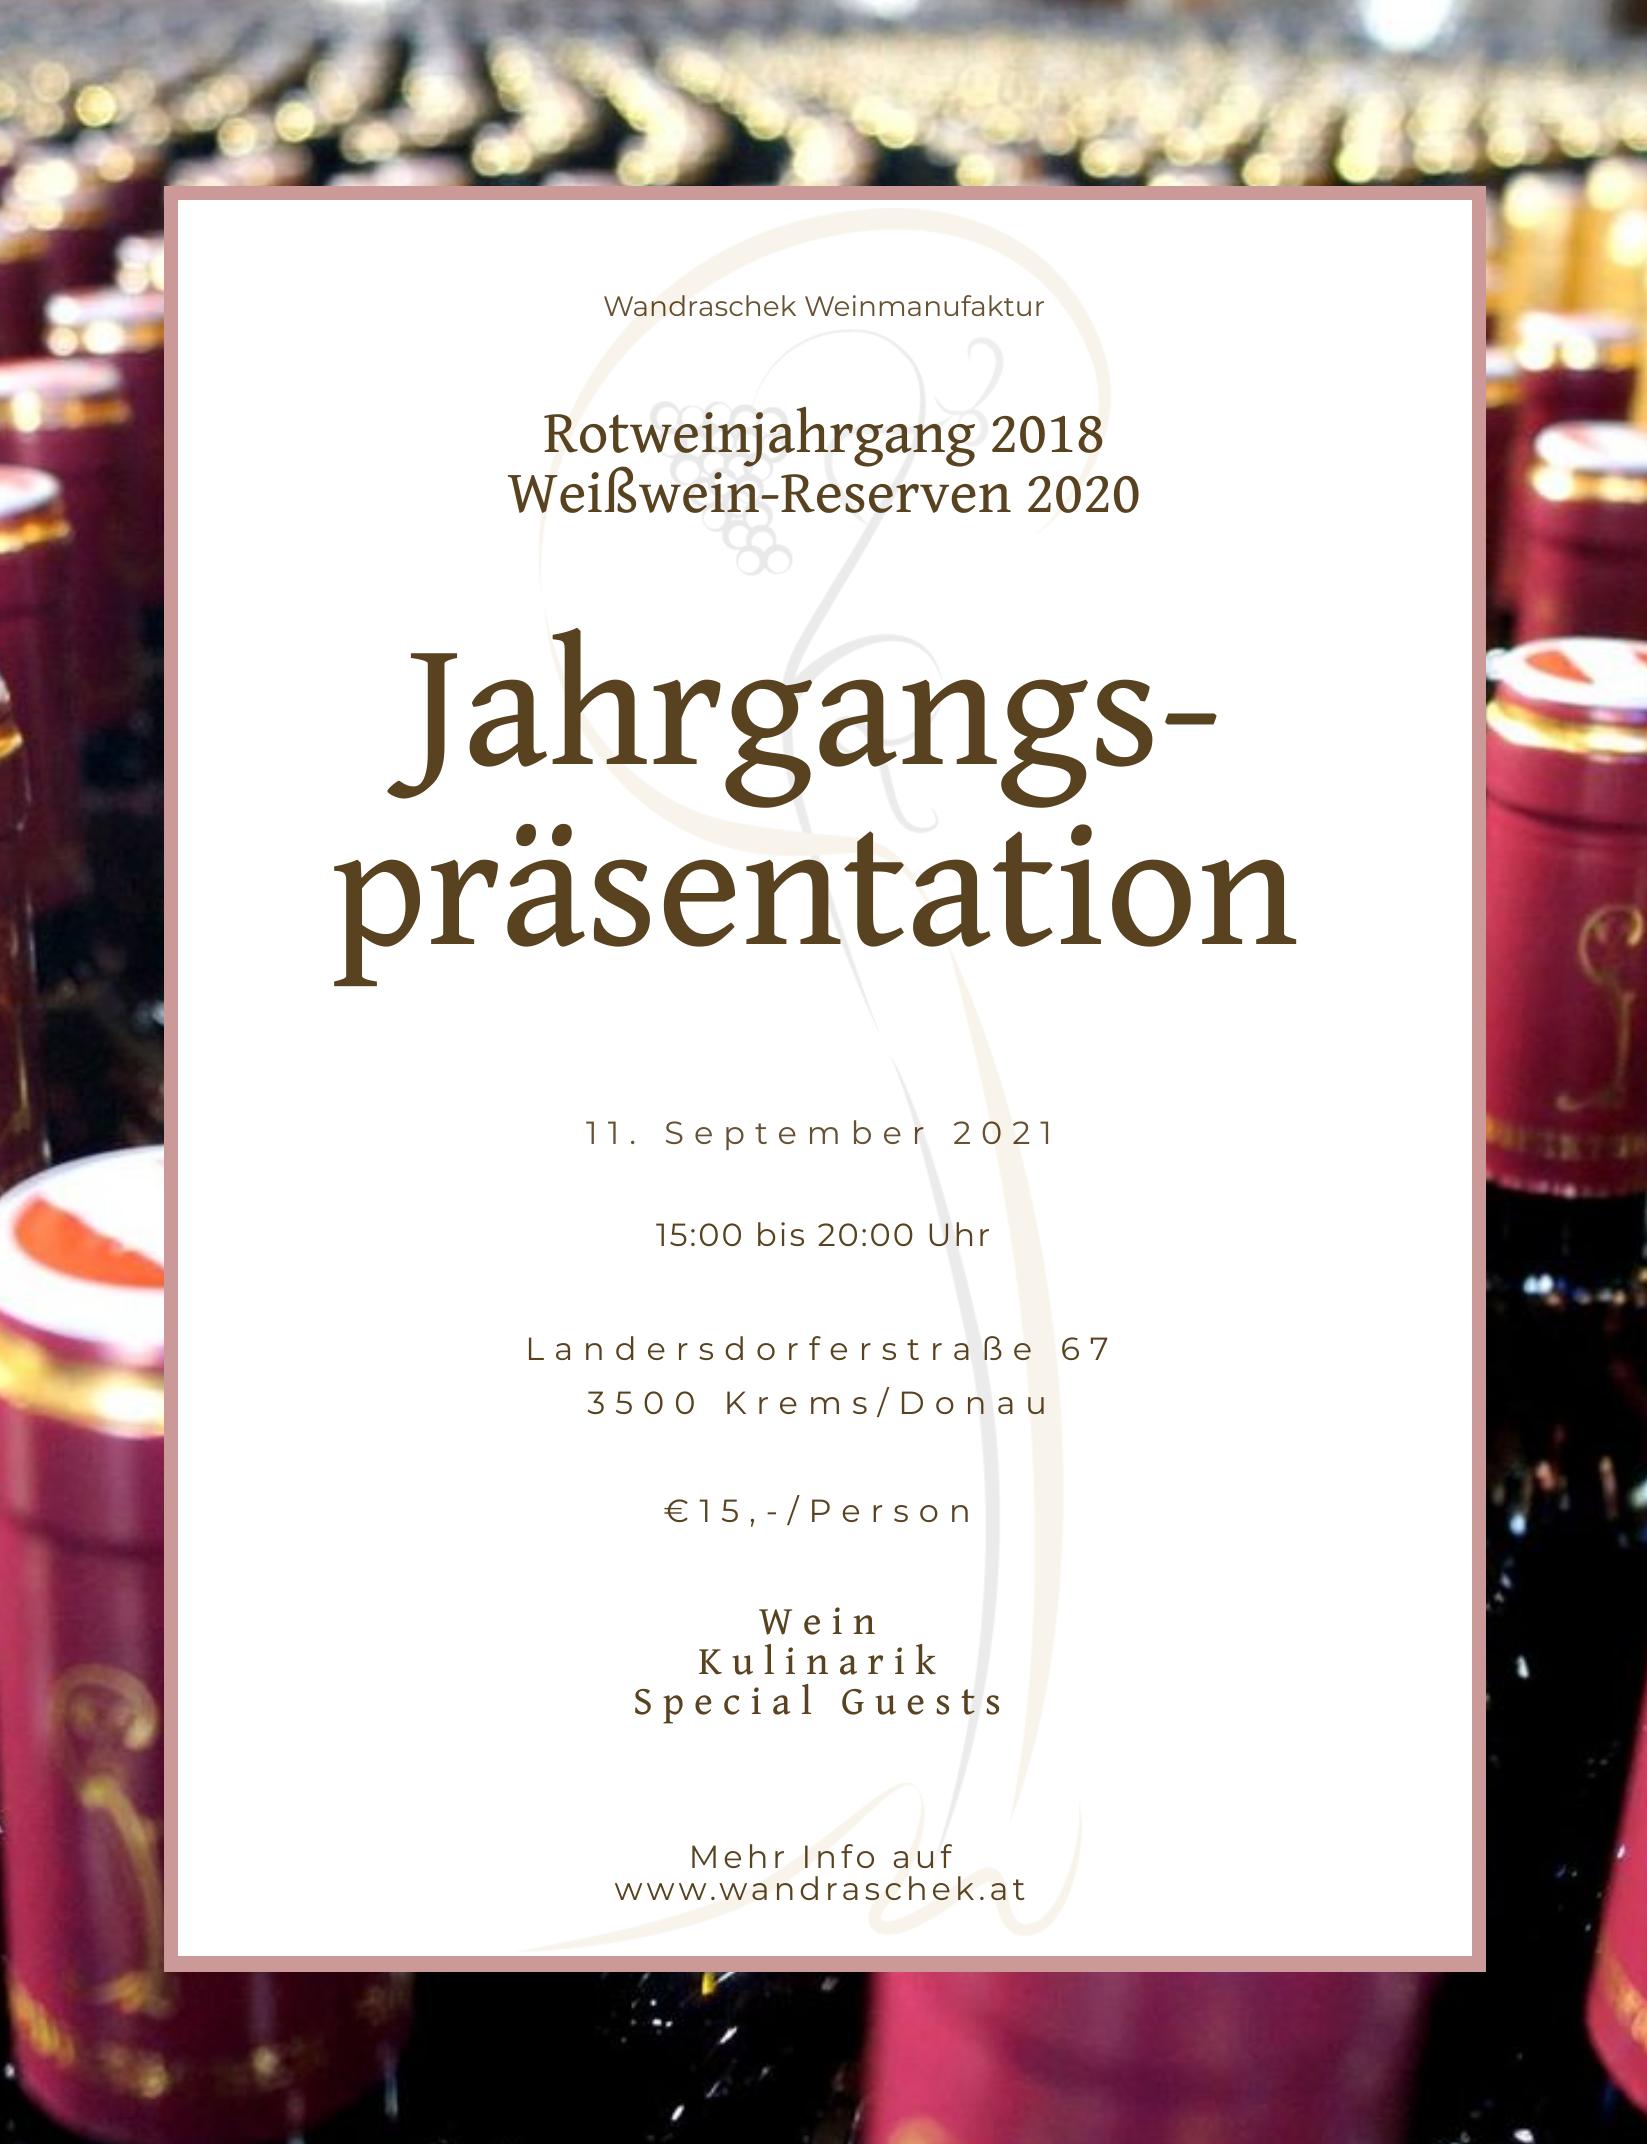 Jahrgangspräsentation 2021 @ Wandraschek Weinmanufaktur   Krems an der Donau   Niederösterreich   Österreich